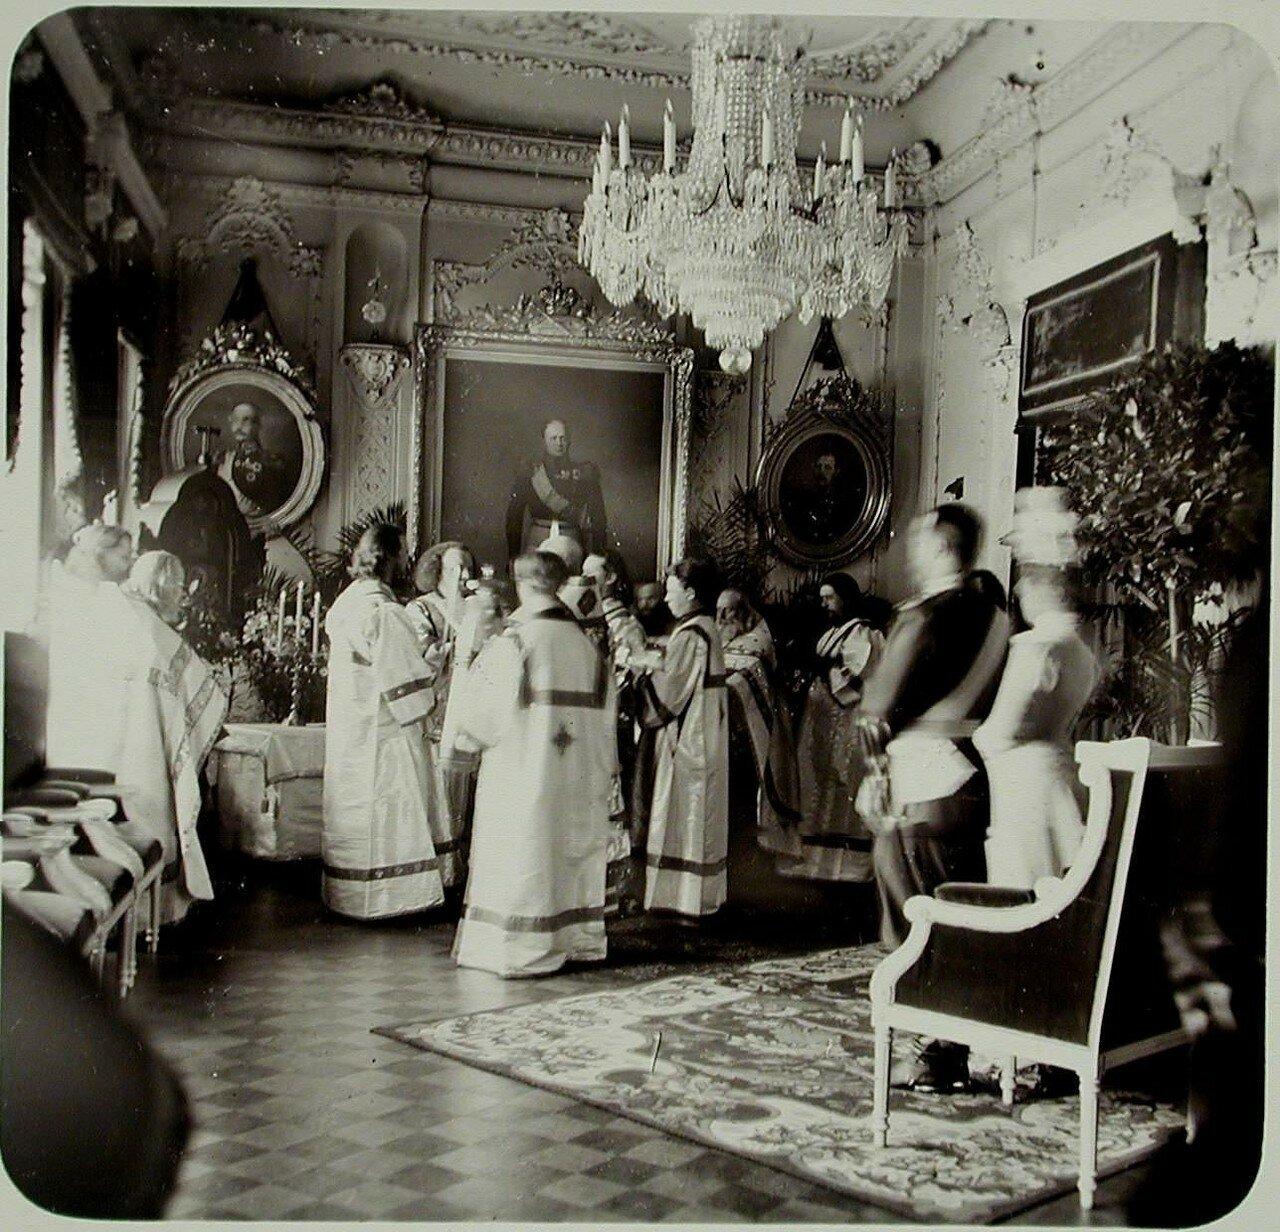 05. Император Николай II, вдовствующая императрица Мария Фёдоровна, группа священнослужителей в одном из залов здания Совета Общества